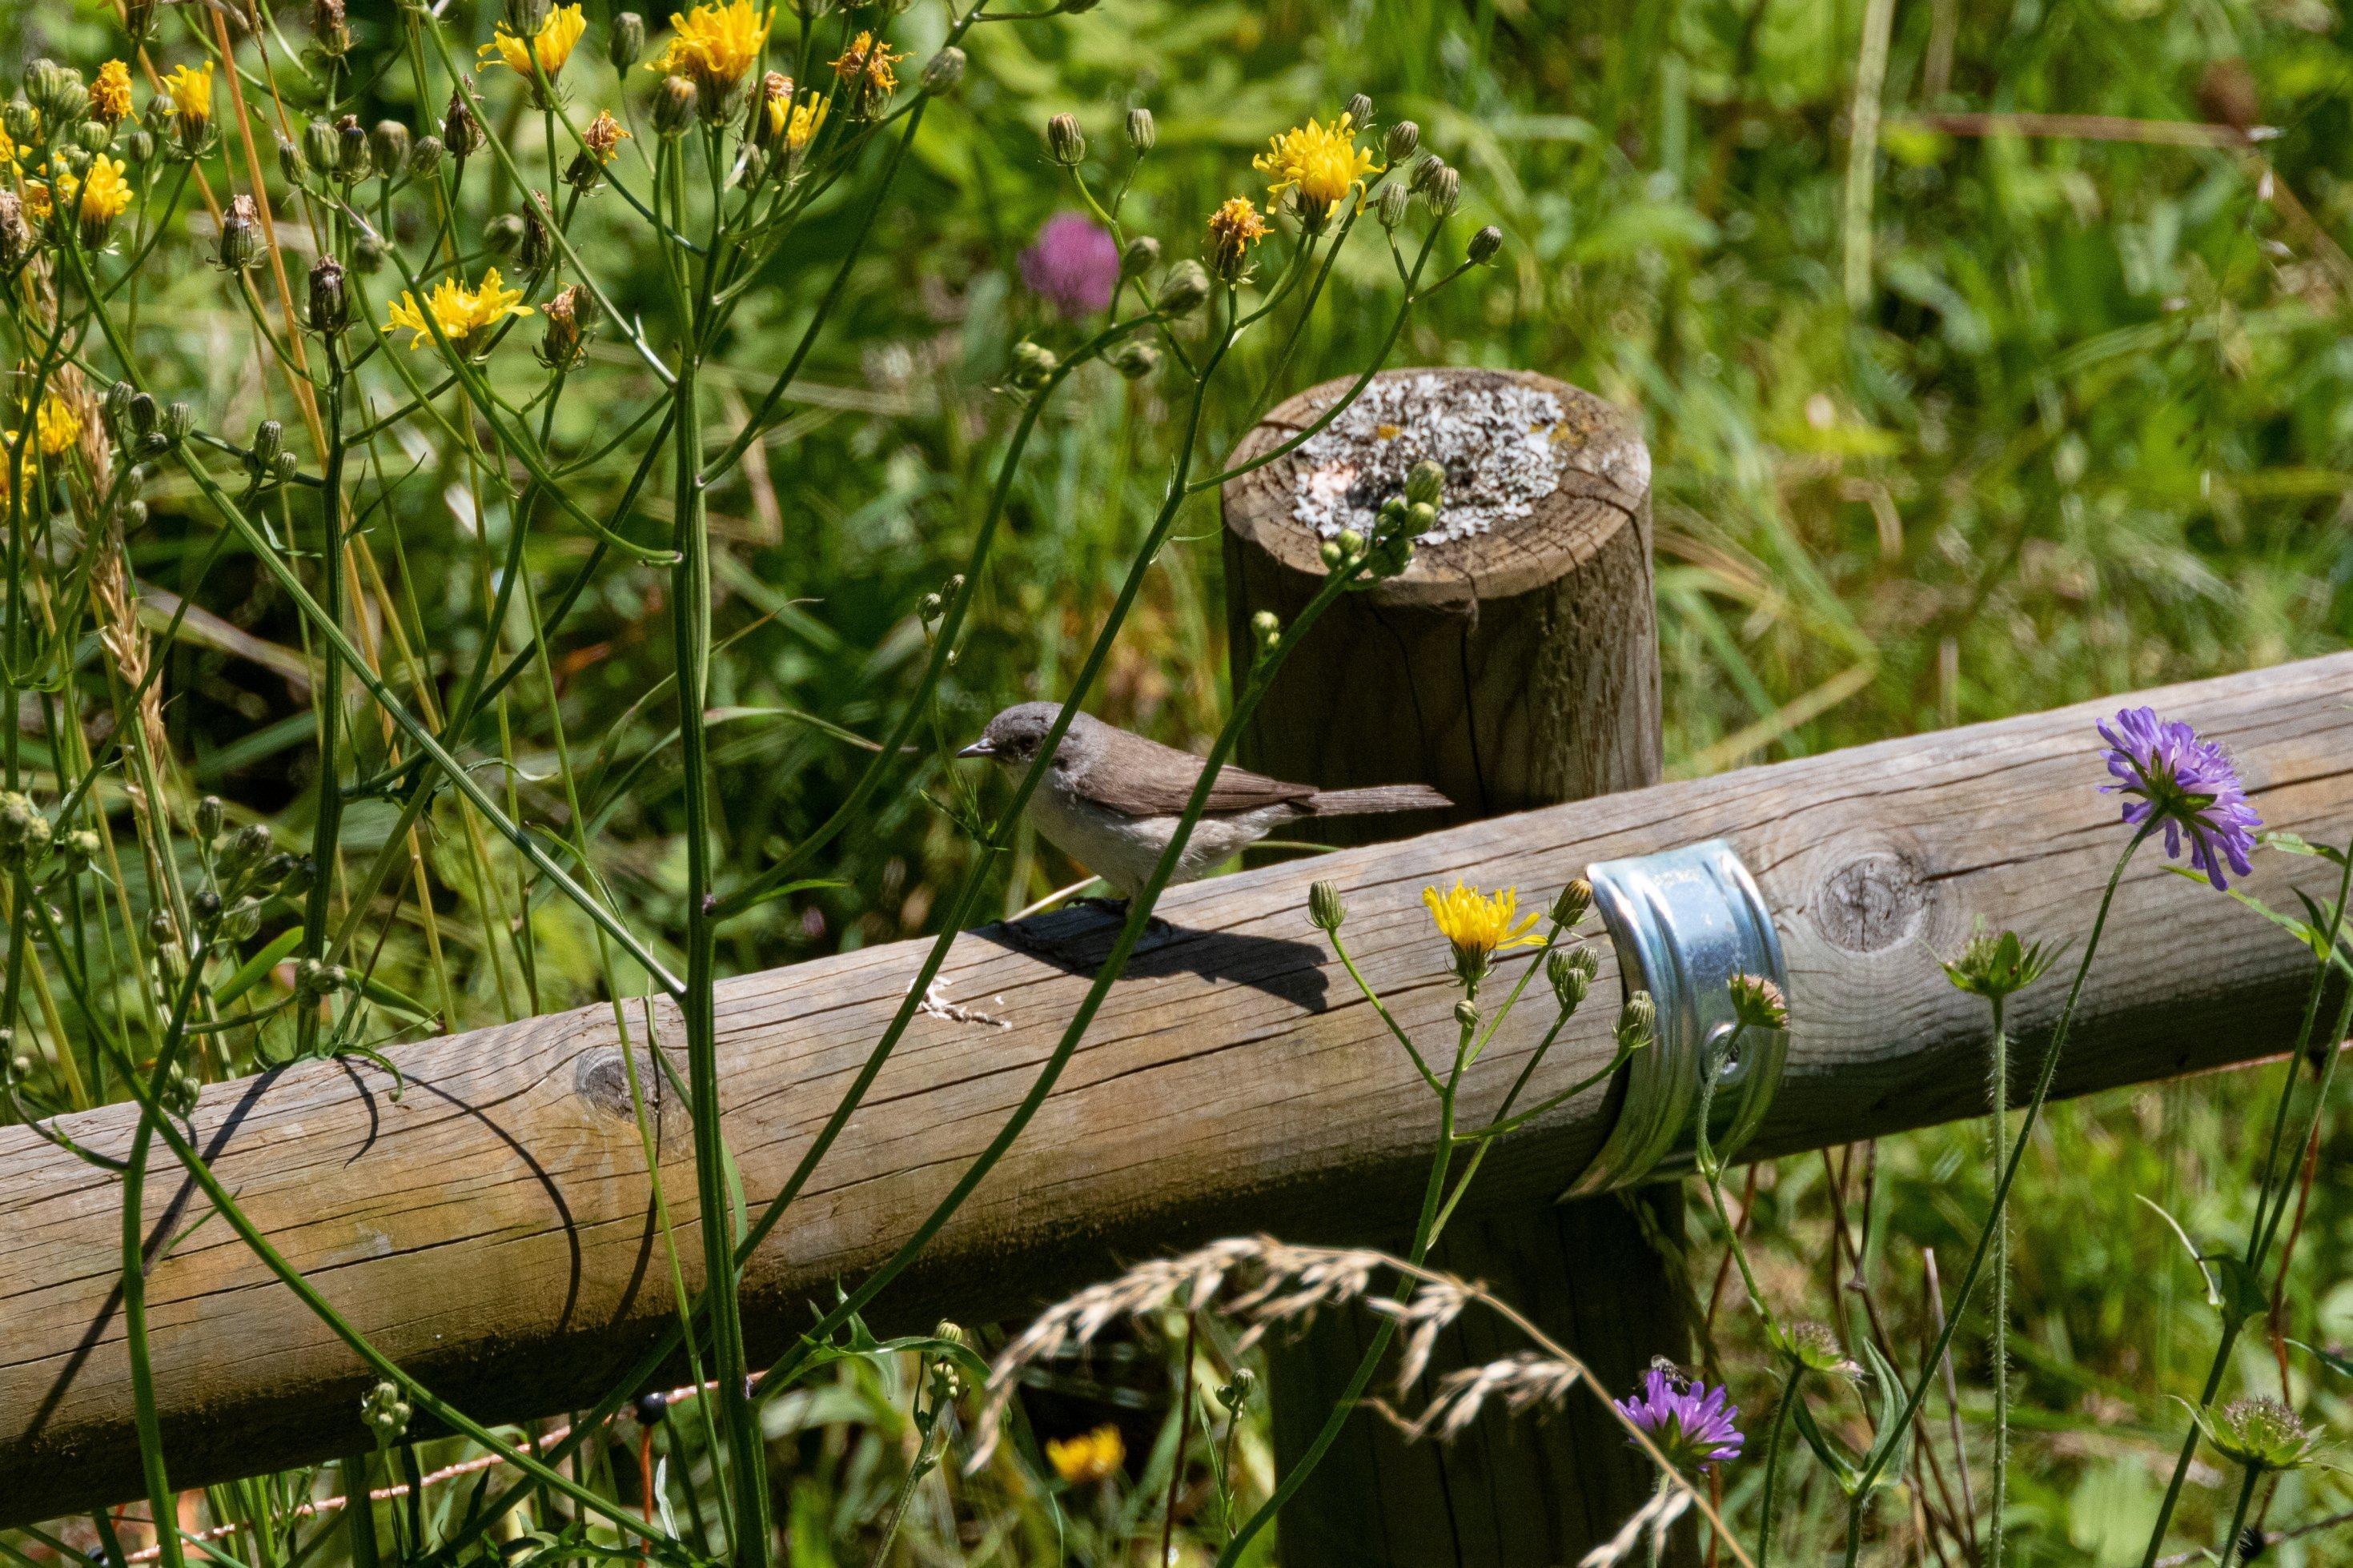 Kleiner grauer Vogel auf Holzzaun, drumherum Wiese mit blühenden Blumen